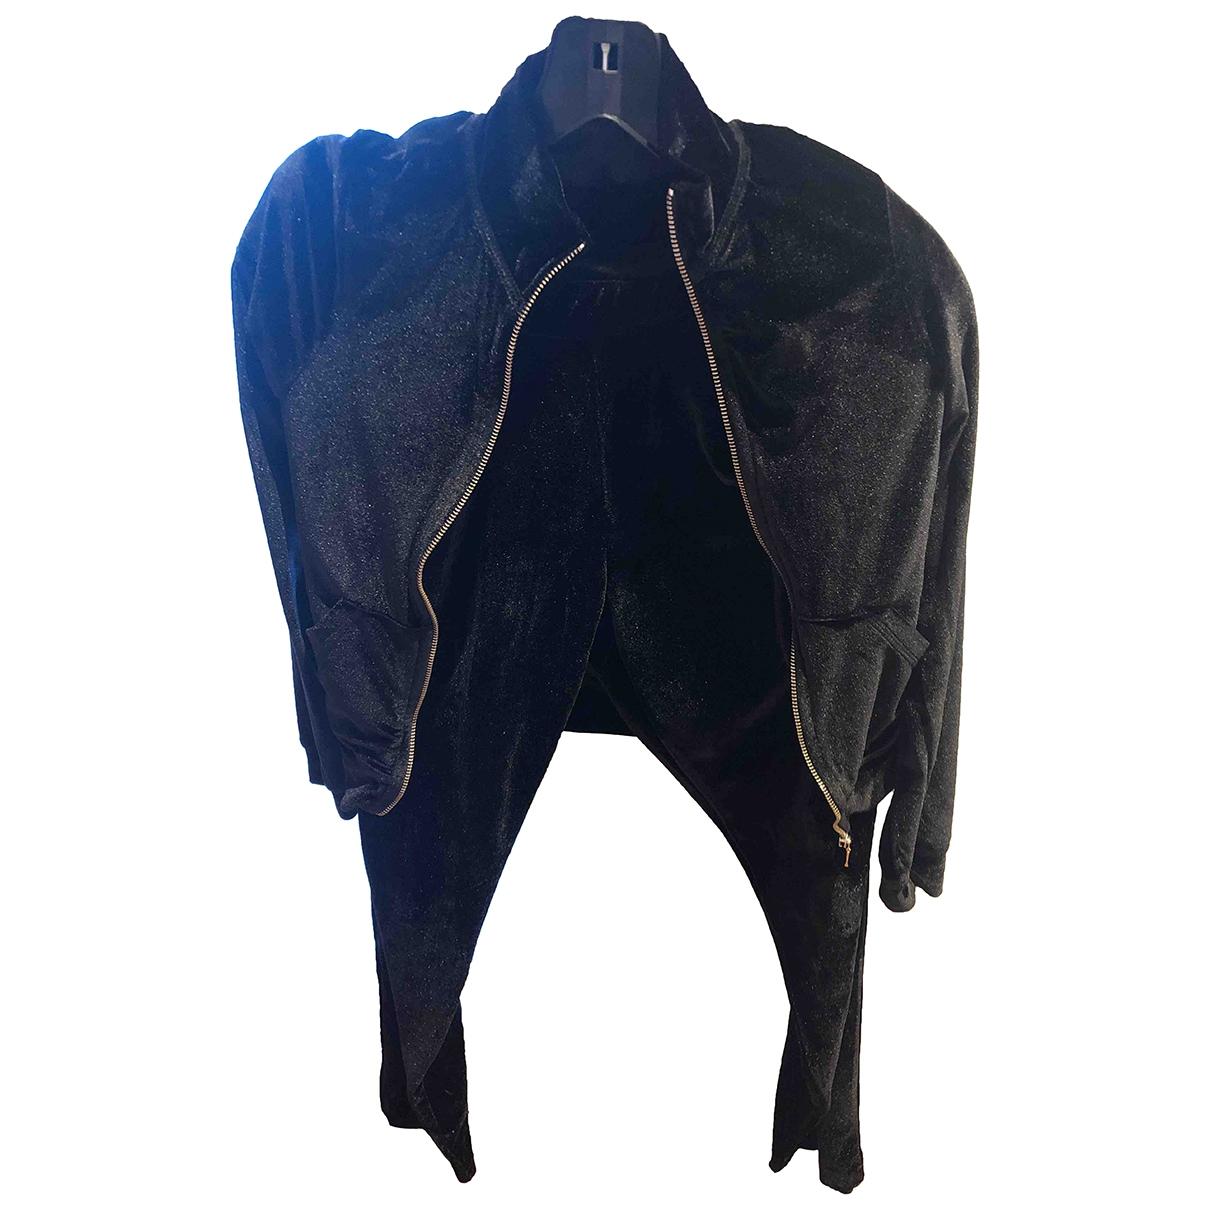 Zara \N Black Cotton jacket for Women 40 IT